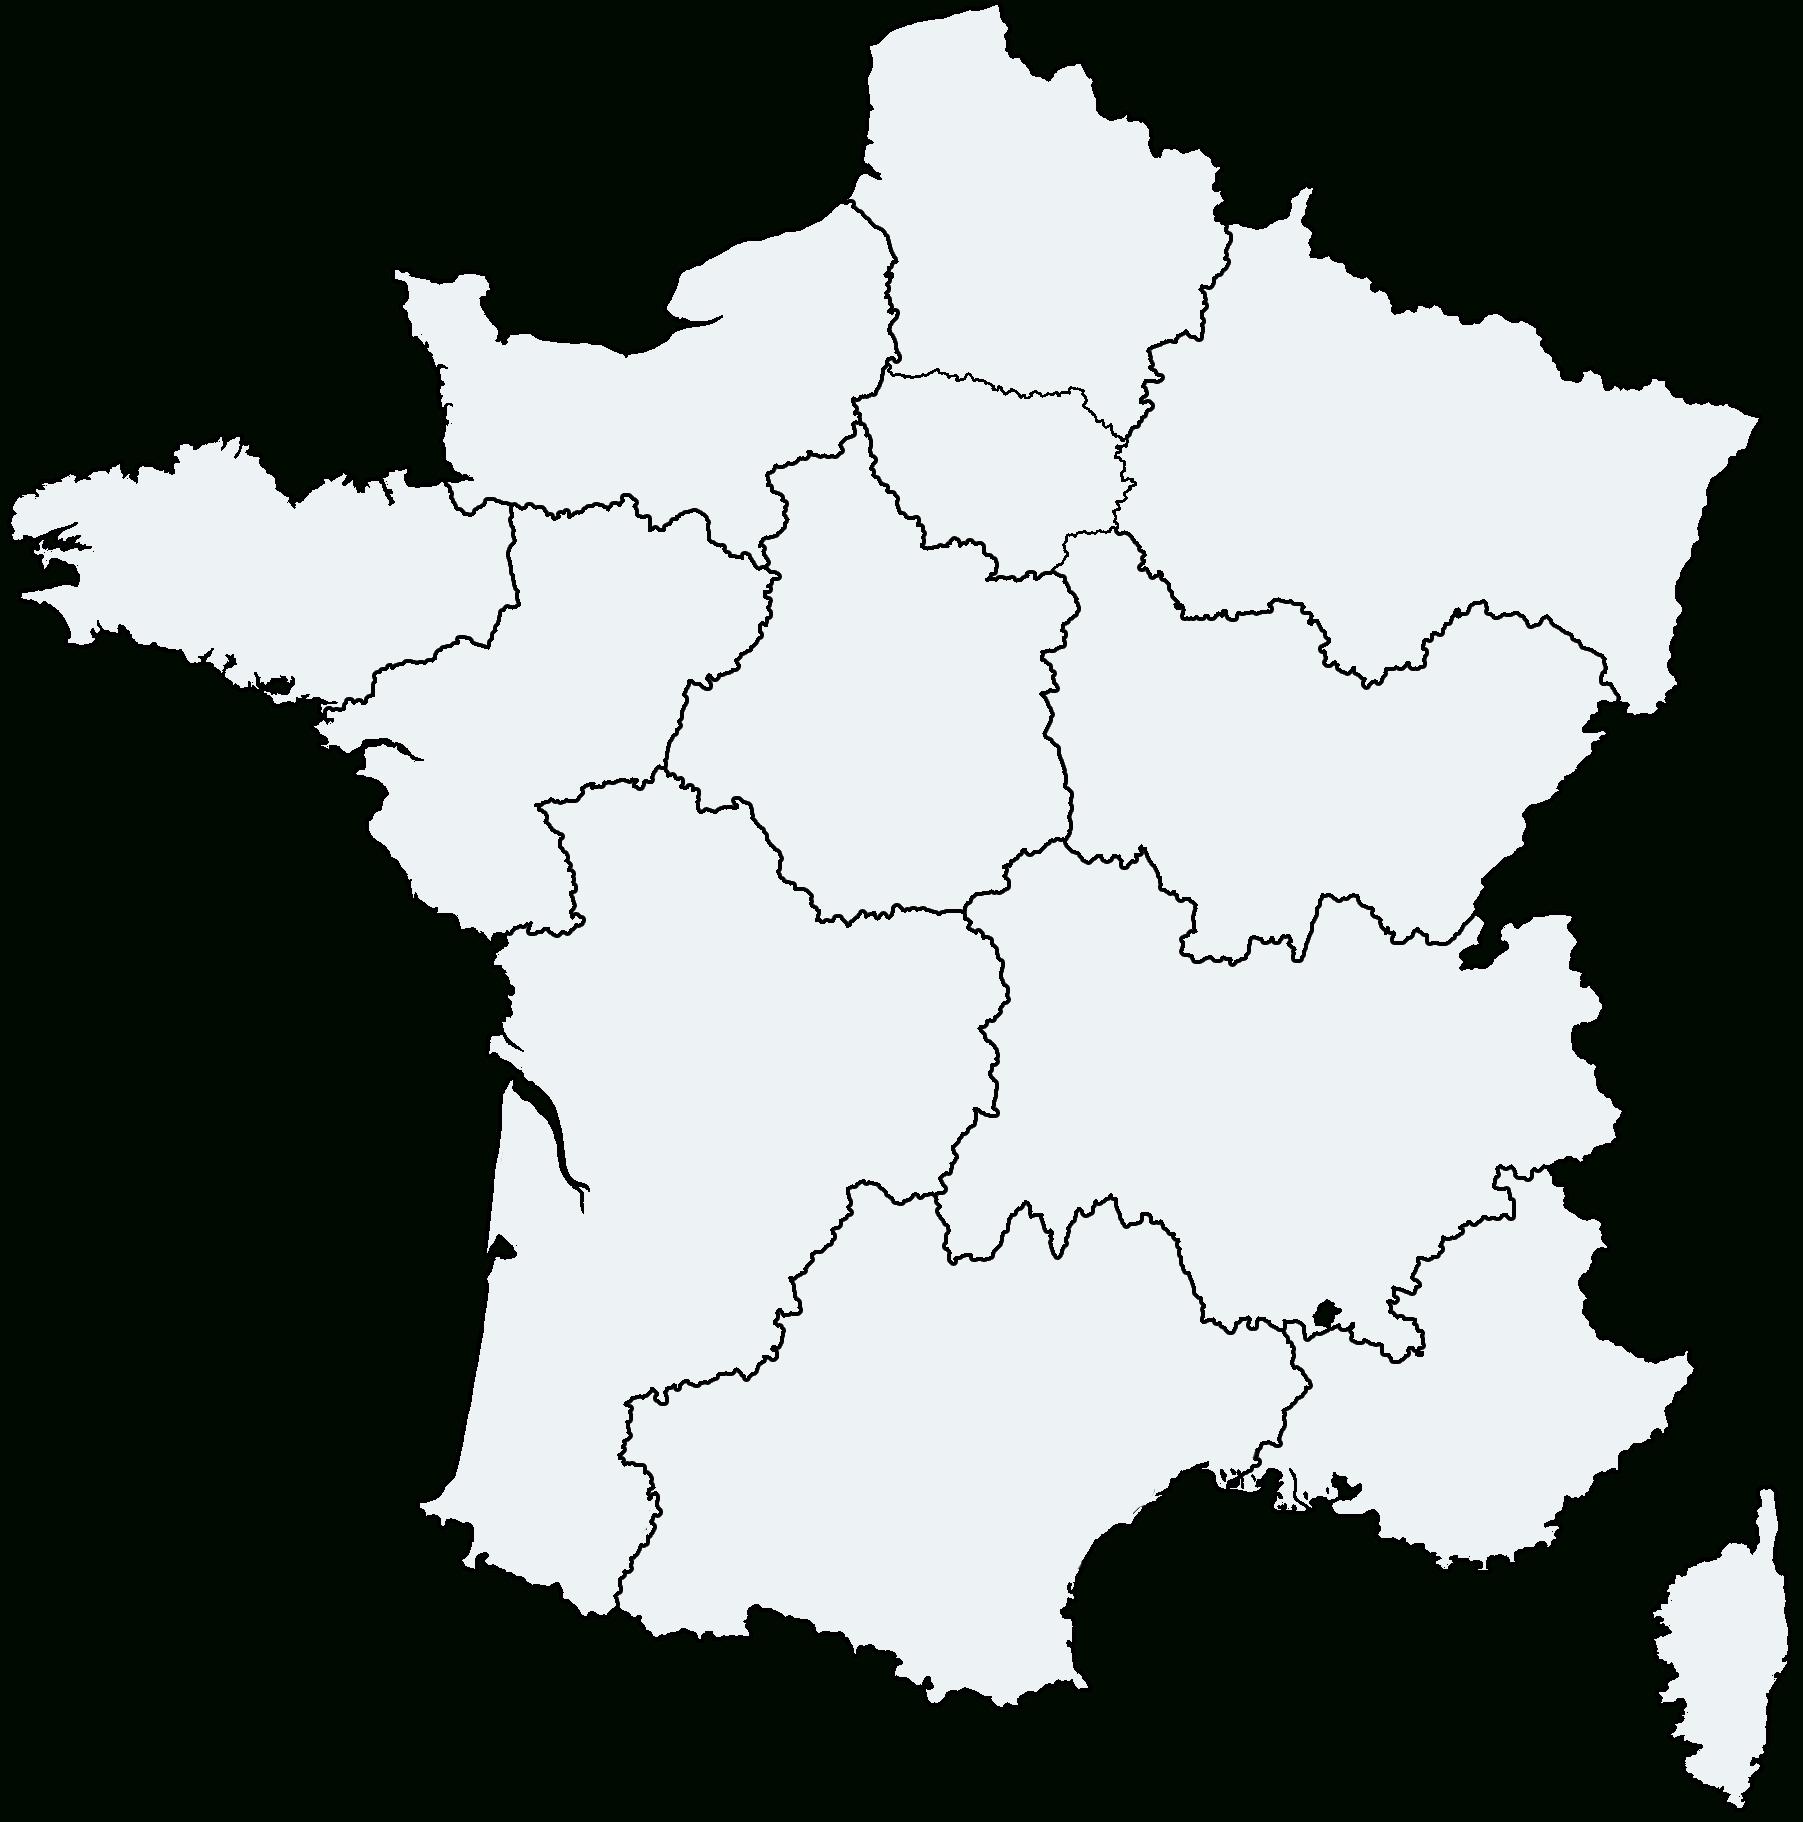 Placer Les Régions Sur La Carte Flashcards - Study With tout Nouvelle Carte Des Régions De France